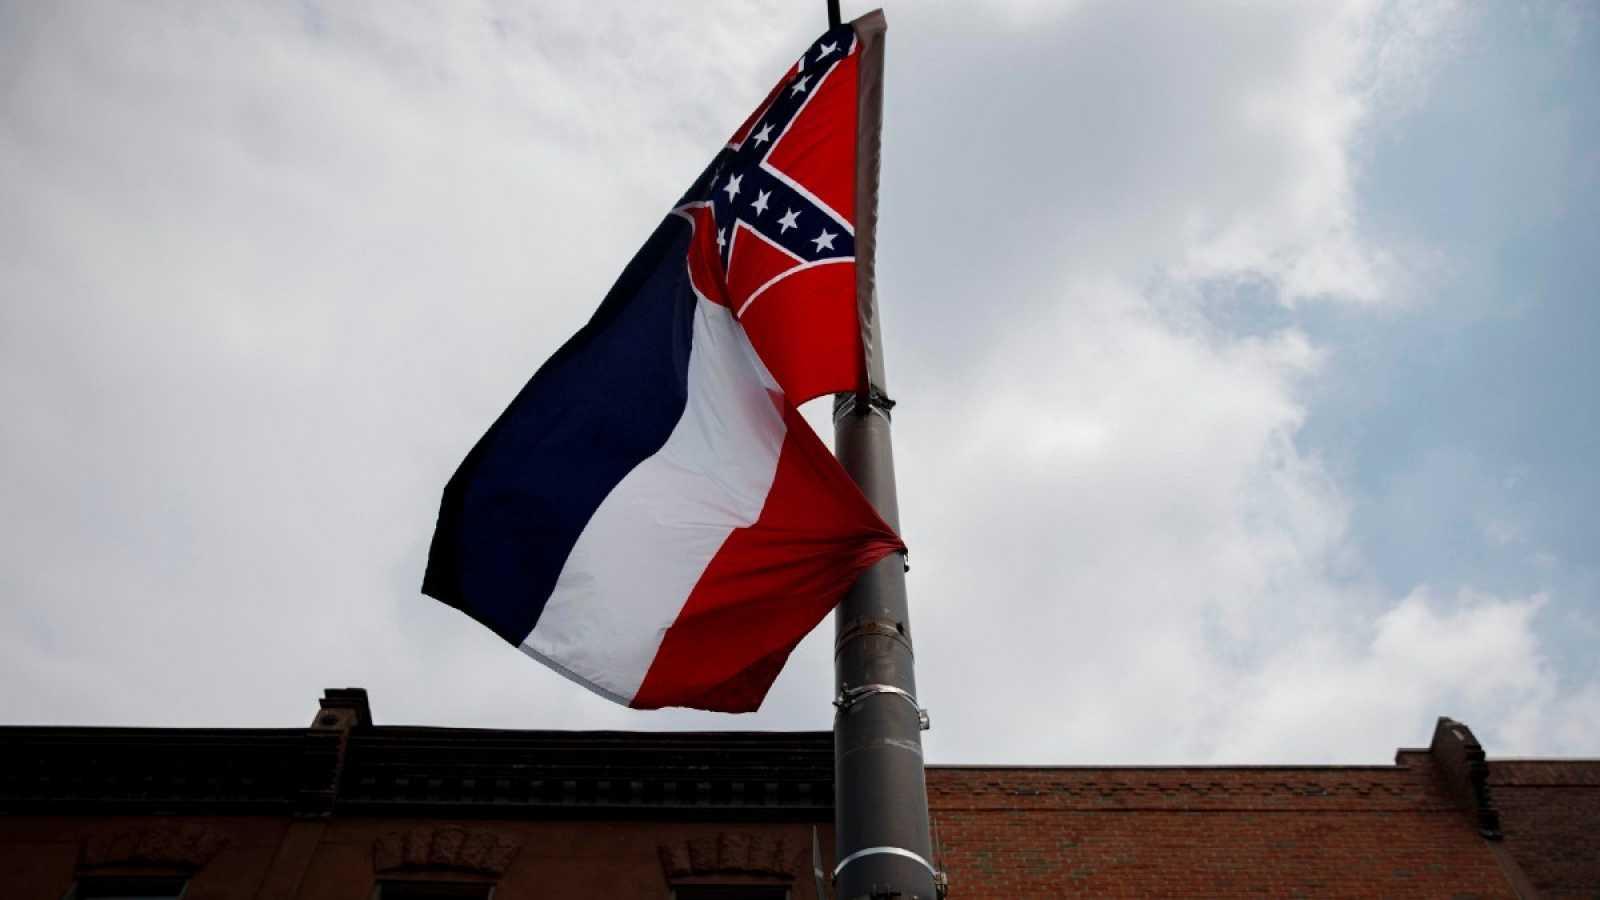 En bandera del estado de Misisipi aparece la enseña del bando confederado, que defendía la esclavitud en la guerra civil estadounidense